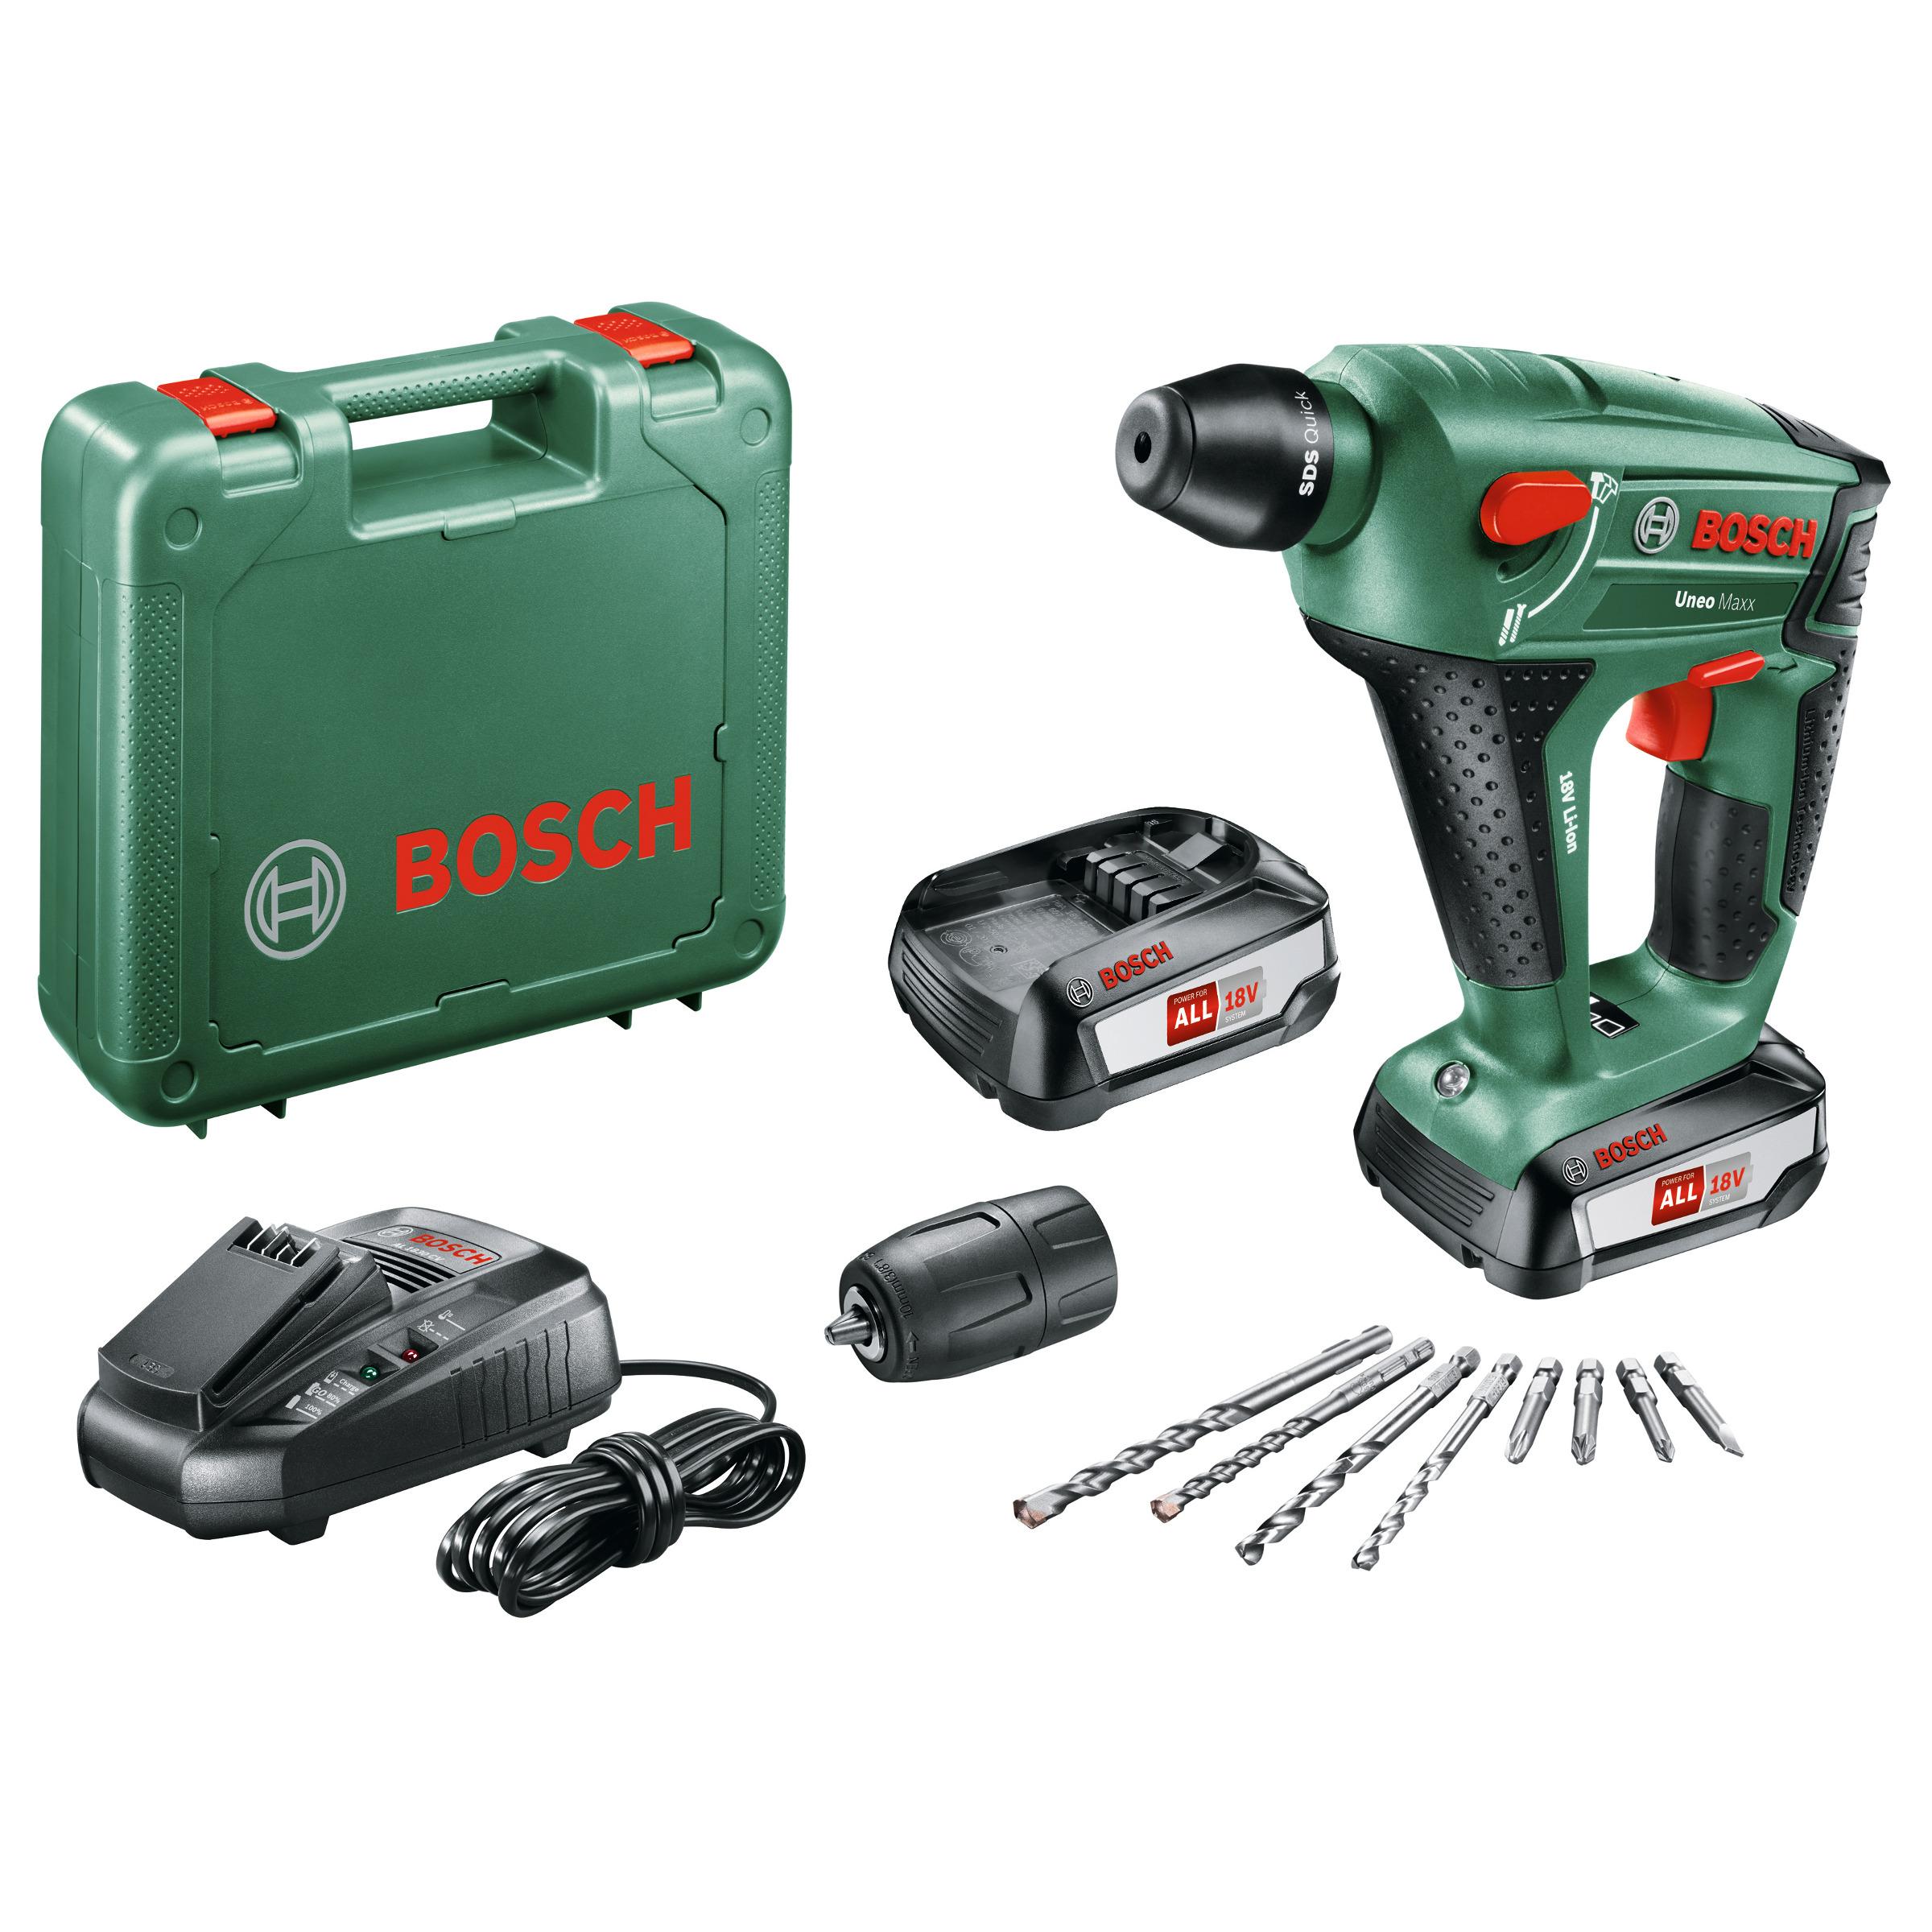 Bosch Uneo accuboorhamer 18 volt 2 accu's